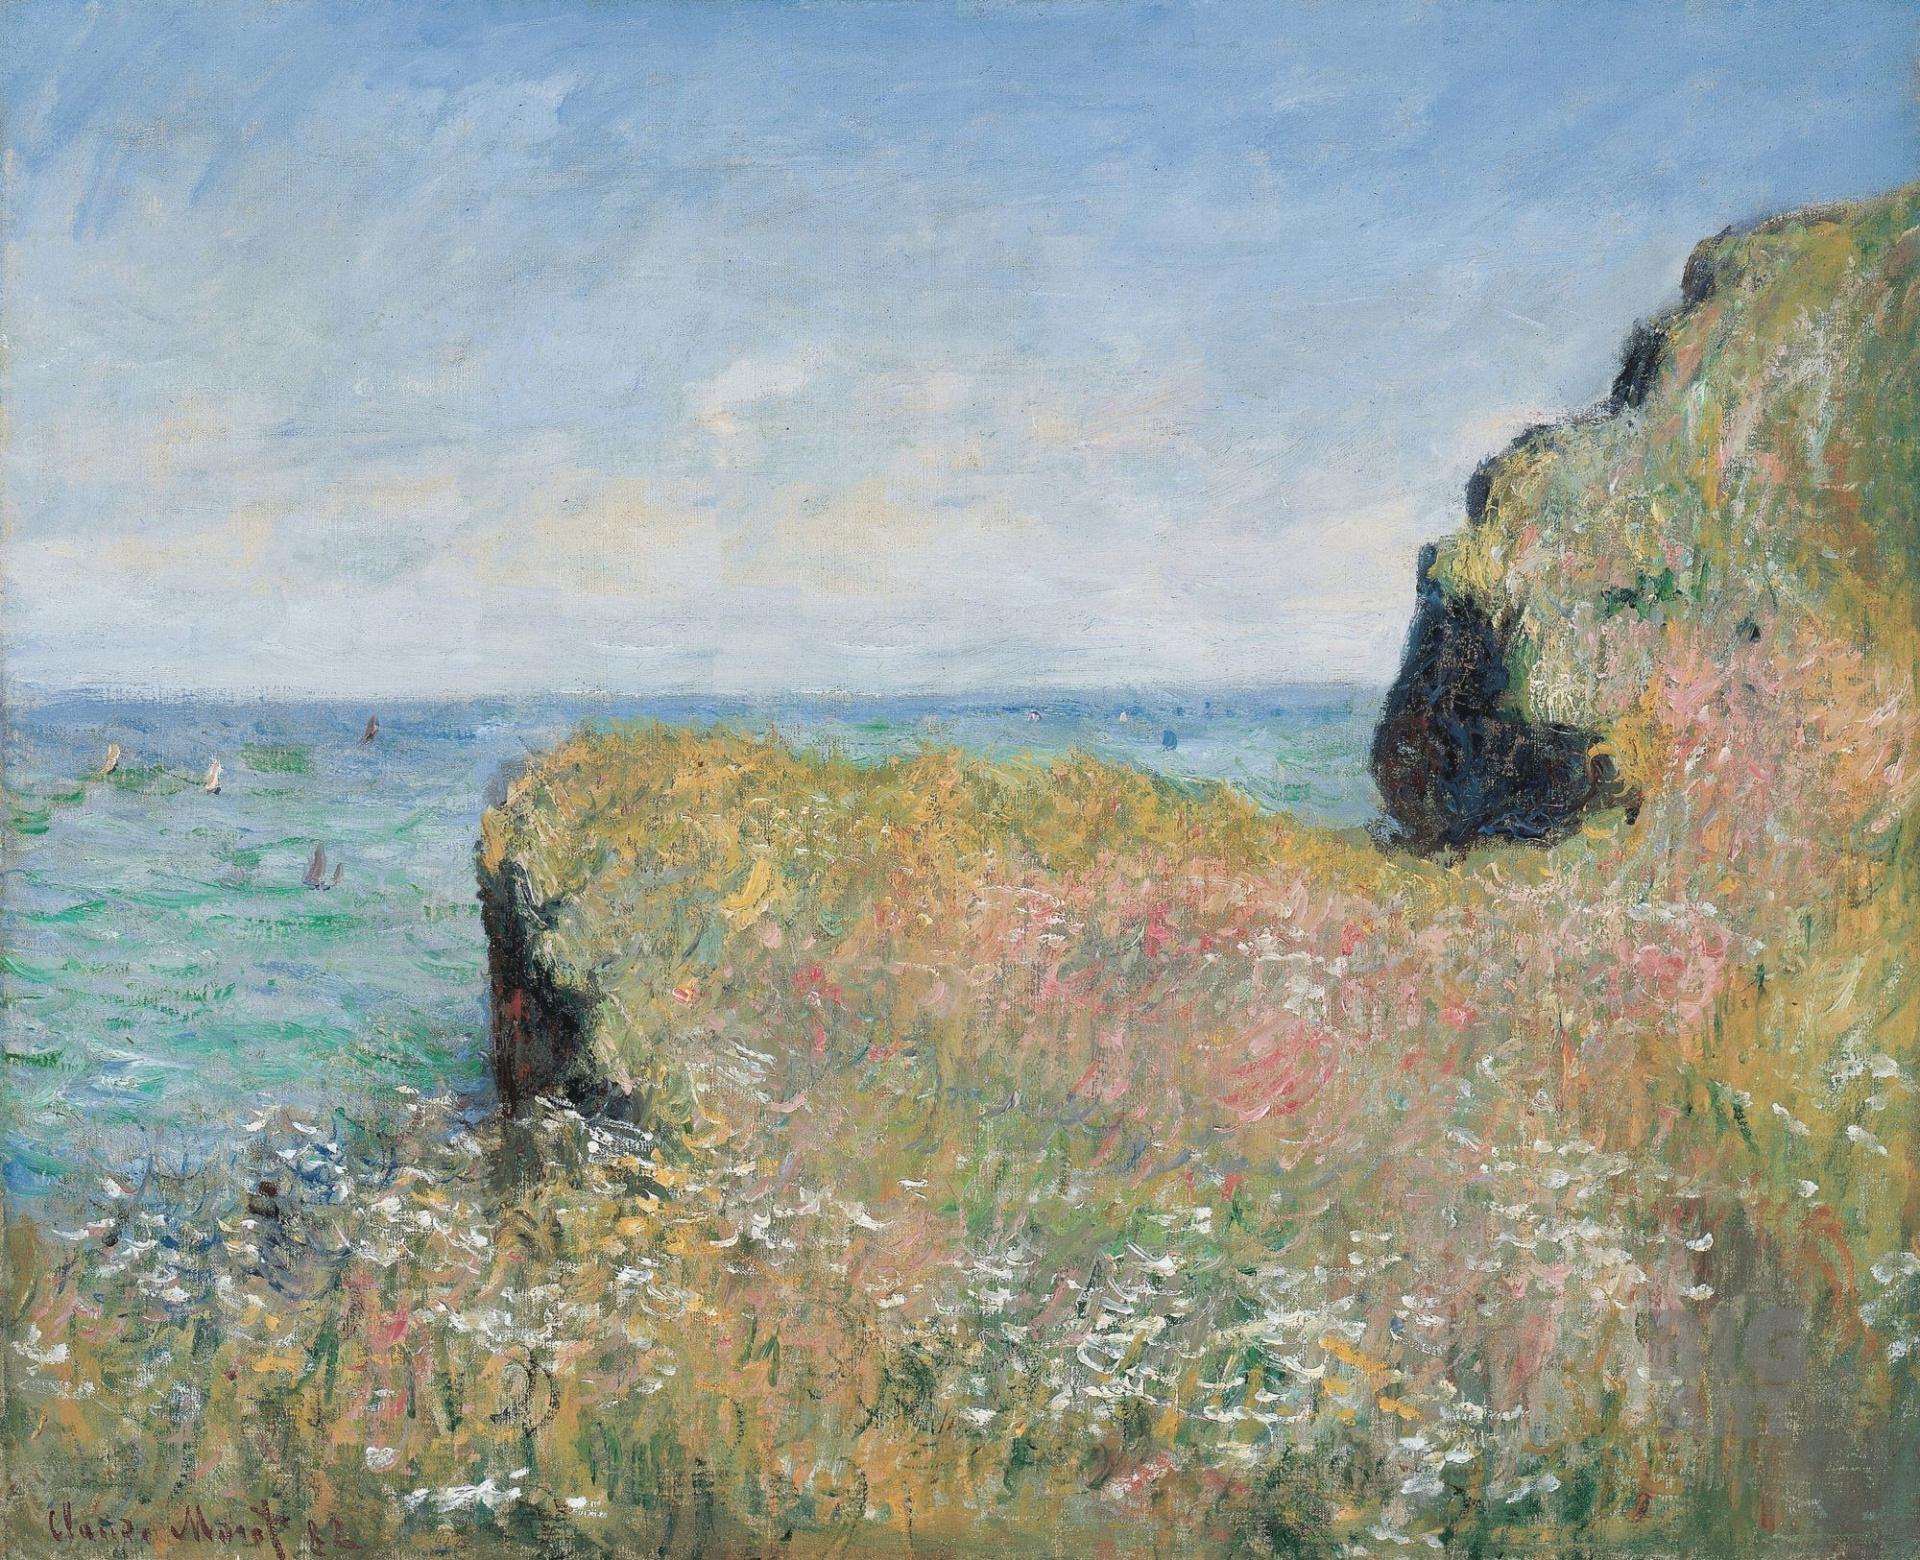 скалы и море < Край скалы, Пурвилль >:: Клод Моне, описание картины - Claude Monet фото